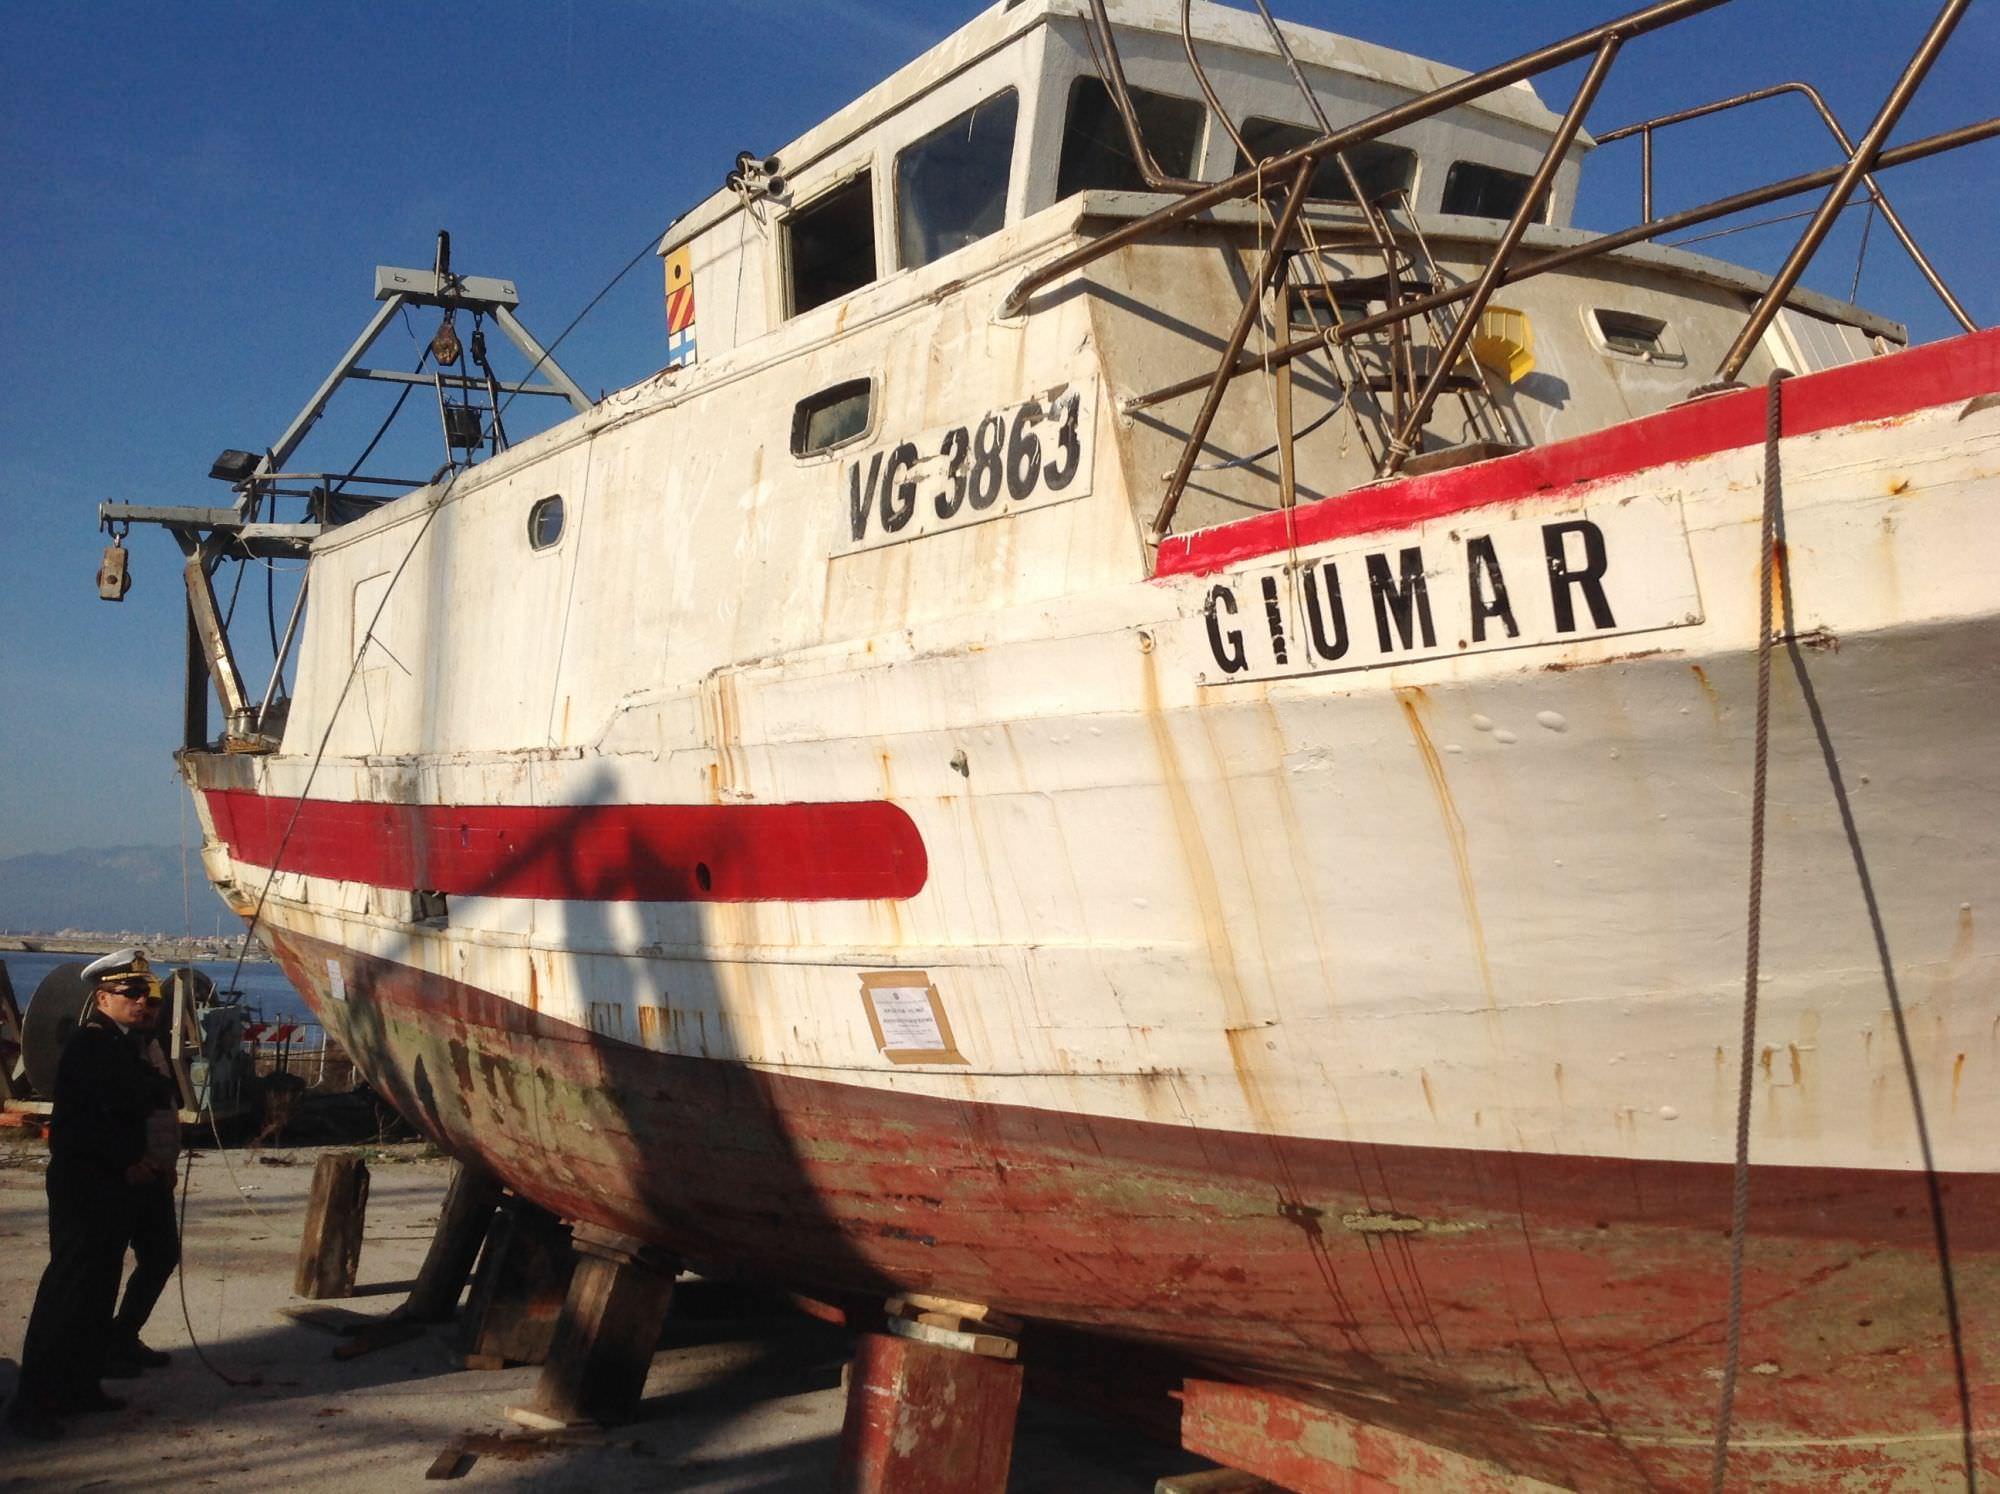 Tragedia in mare, demolito il peschereccio Giumar